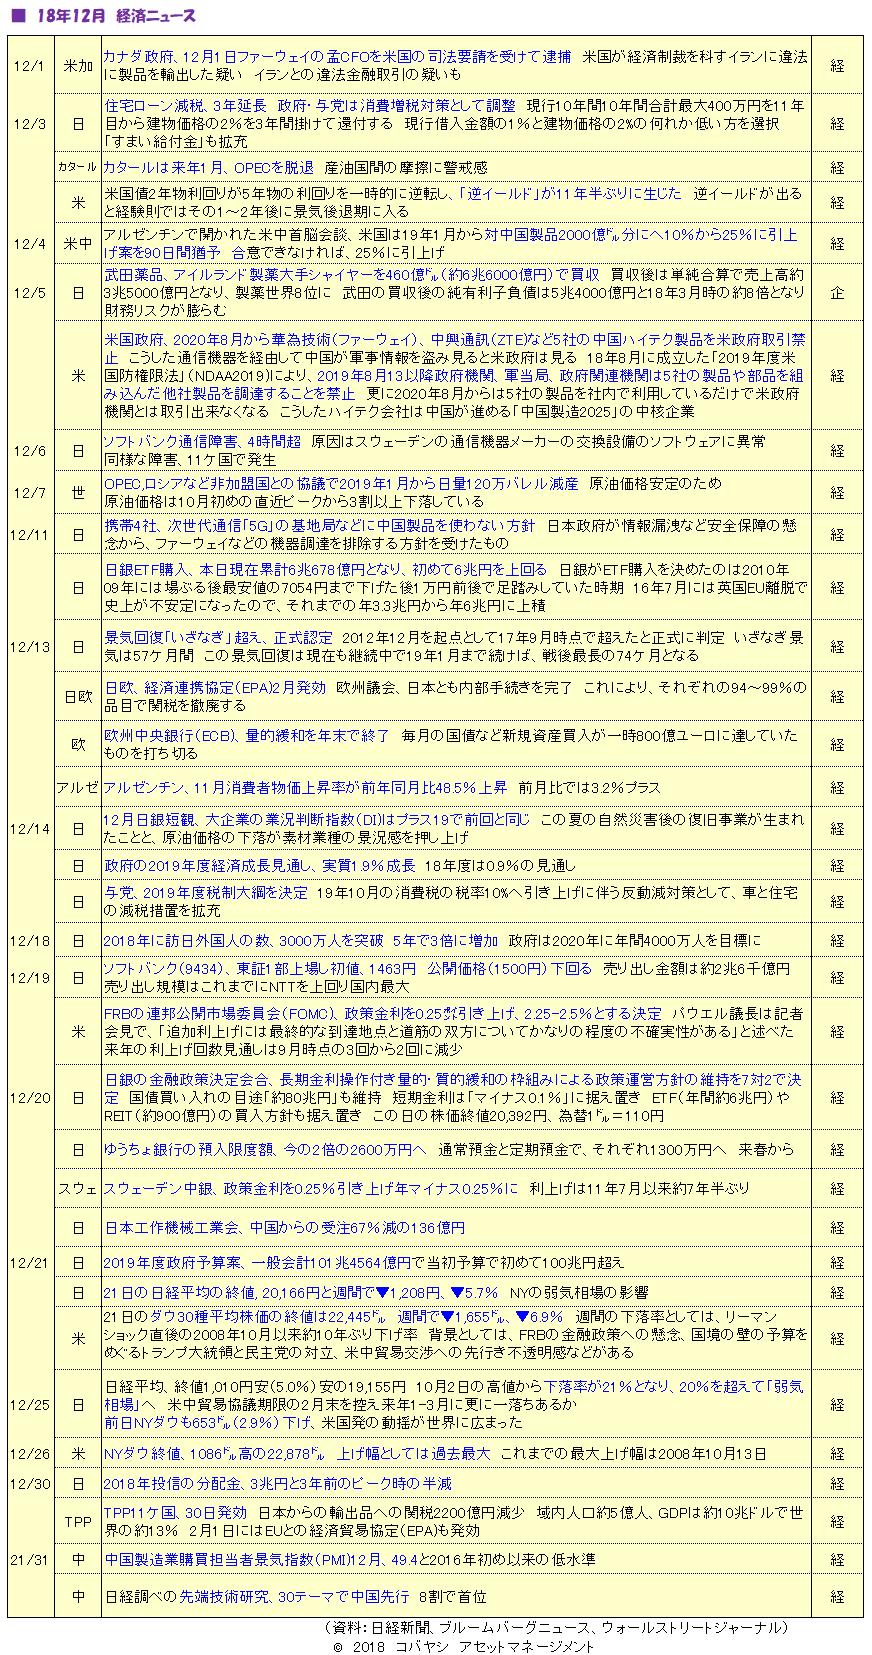 '18年12月経済ニュース(3)